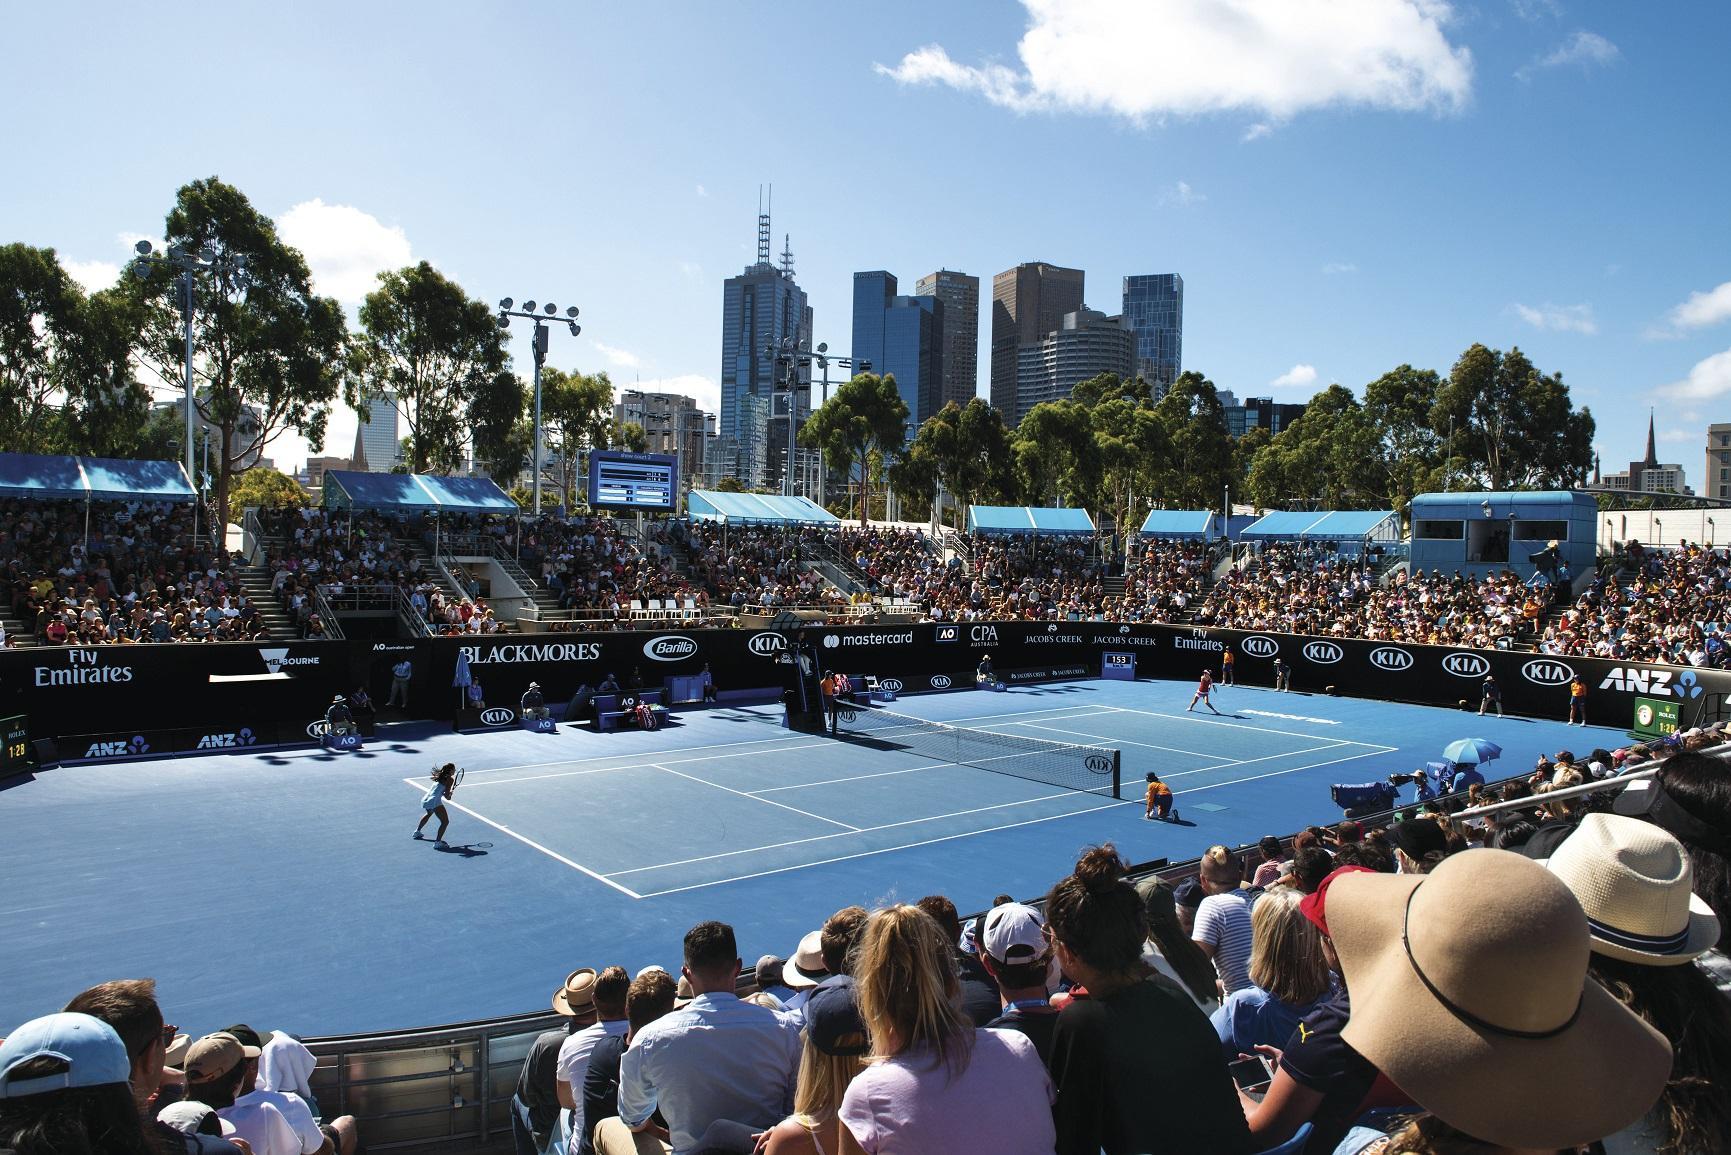 洲網球公開賽(Australian Open)於每年一月舉行,為全球年度重要網球賽事—四大滿貫賽揭開序幕。(圖/維多利亞州旅遊局)